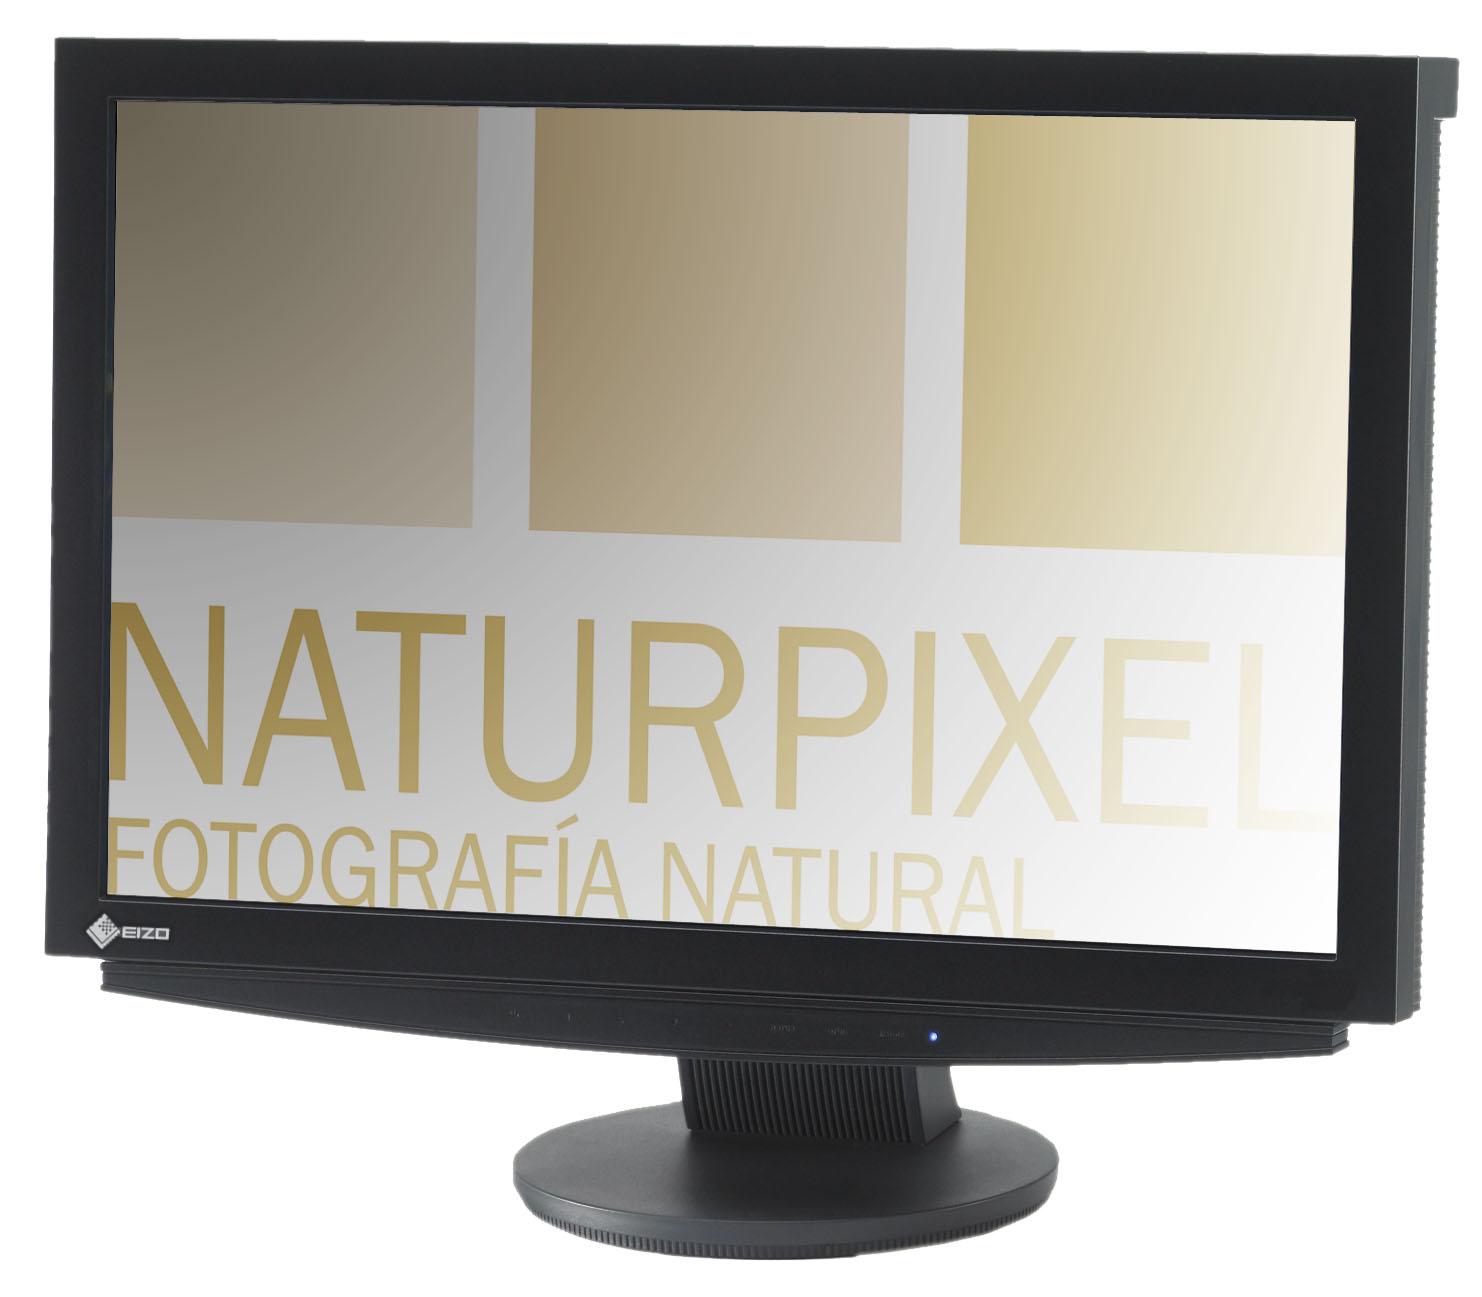 Utilidades para testear nuestro monitor